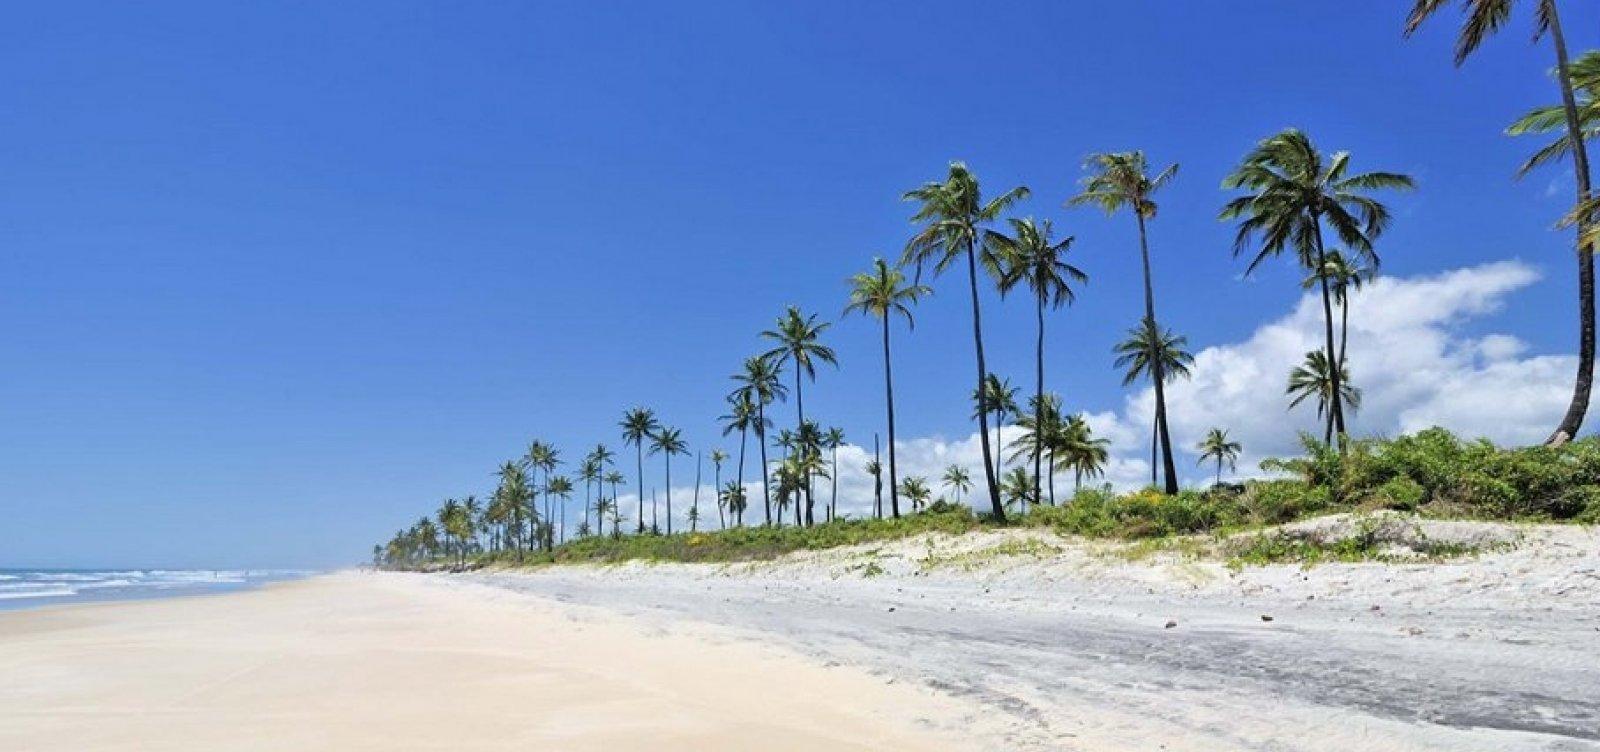 [Funai é pressionada pela Embratur para transformar área indígena em hotel de luxo na Bahia]